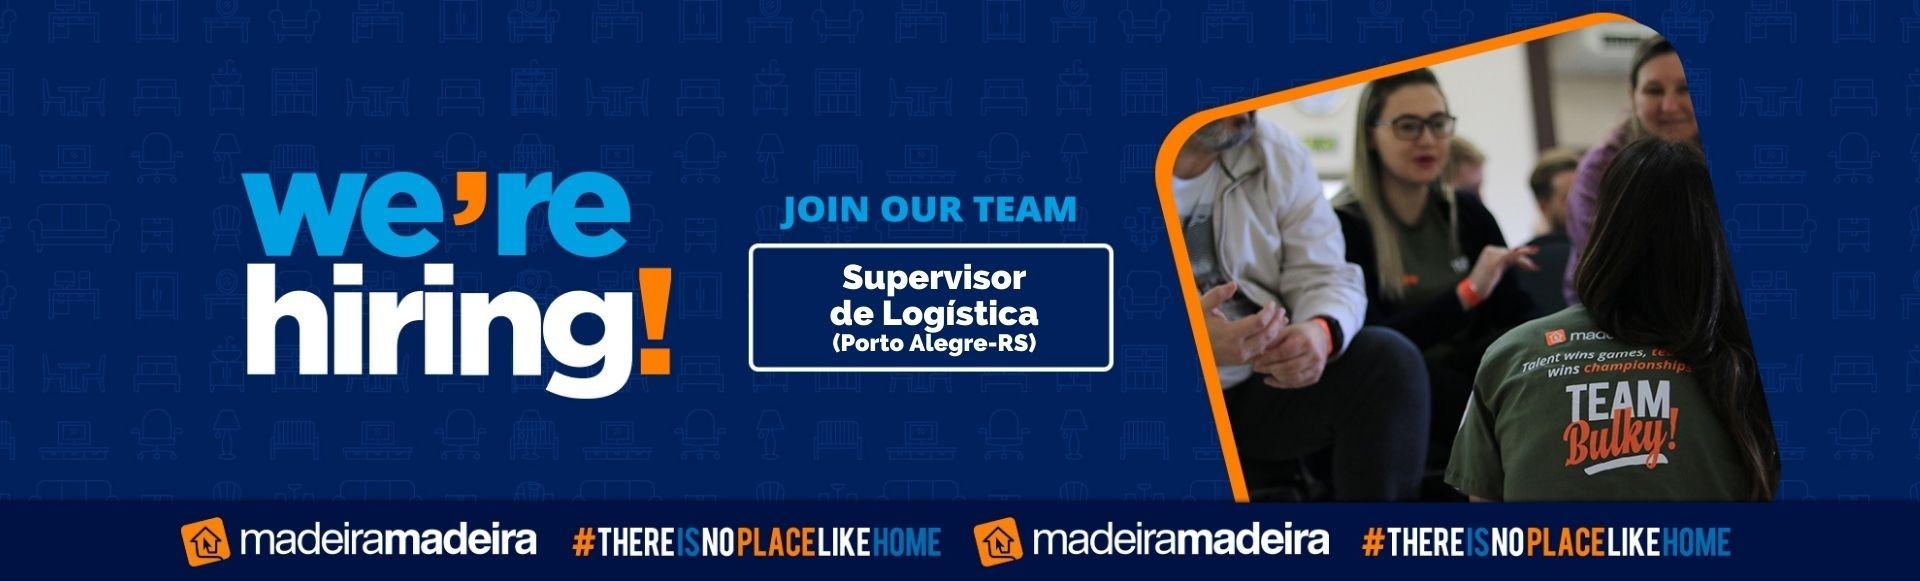 Supervisor de Logística (Porto Alegre-RS)